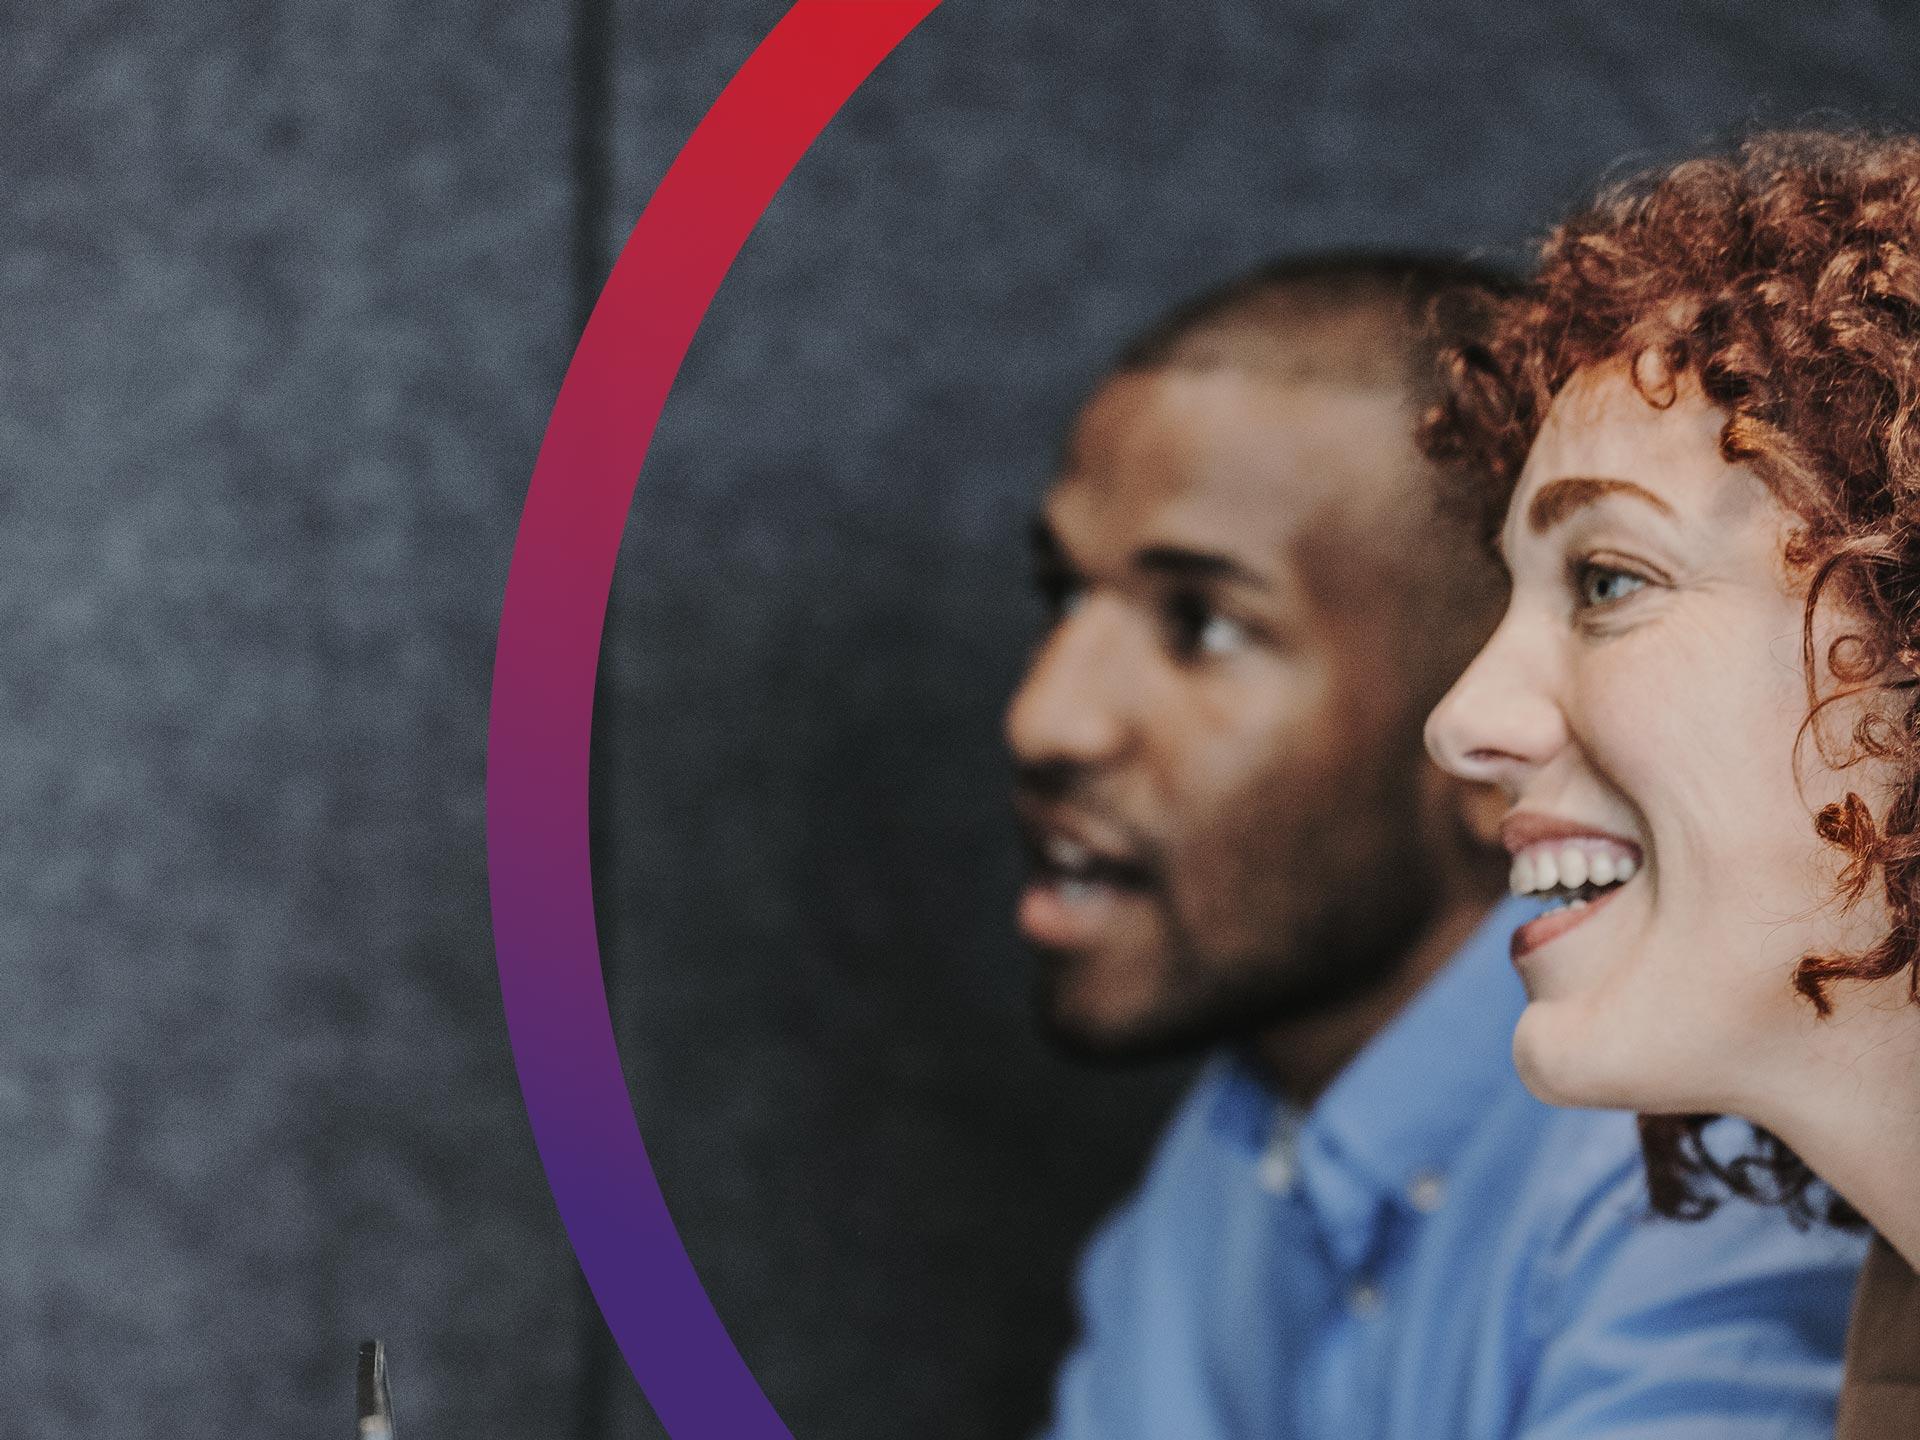 Bring Your Own Meeting voor productieve meetings van hogere kwaliteit